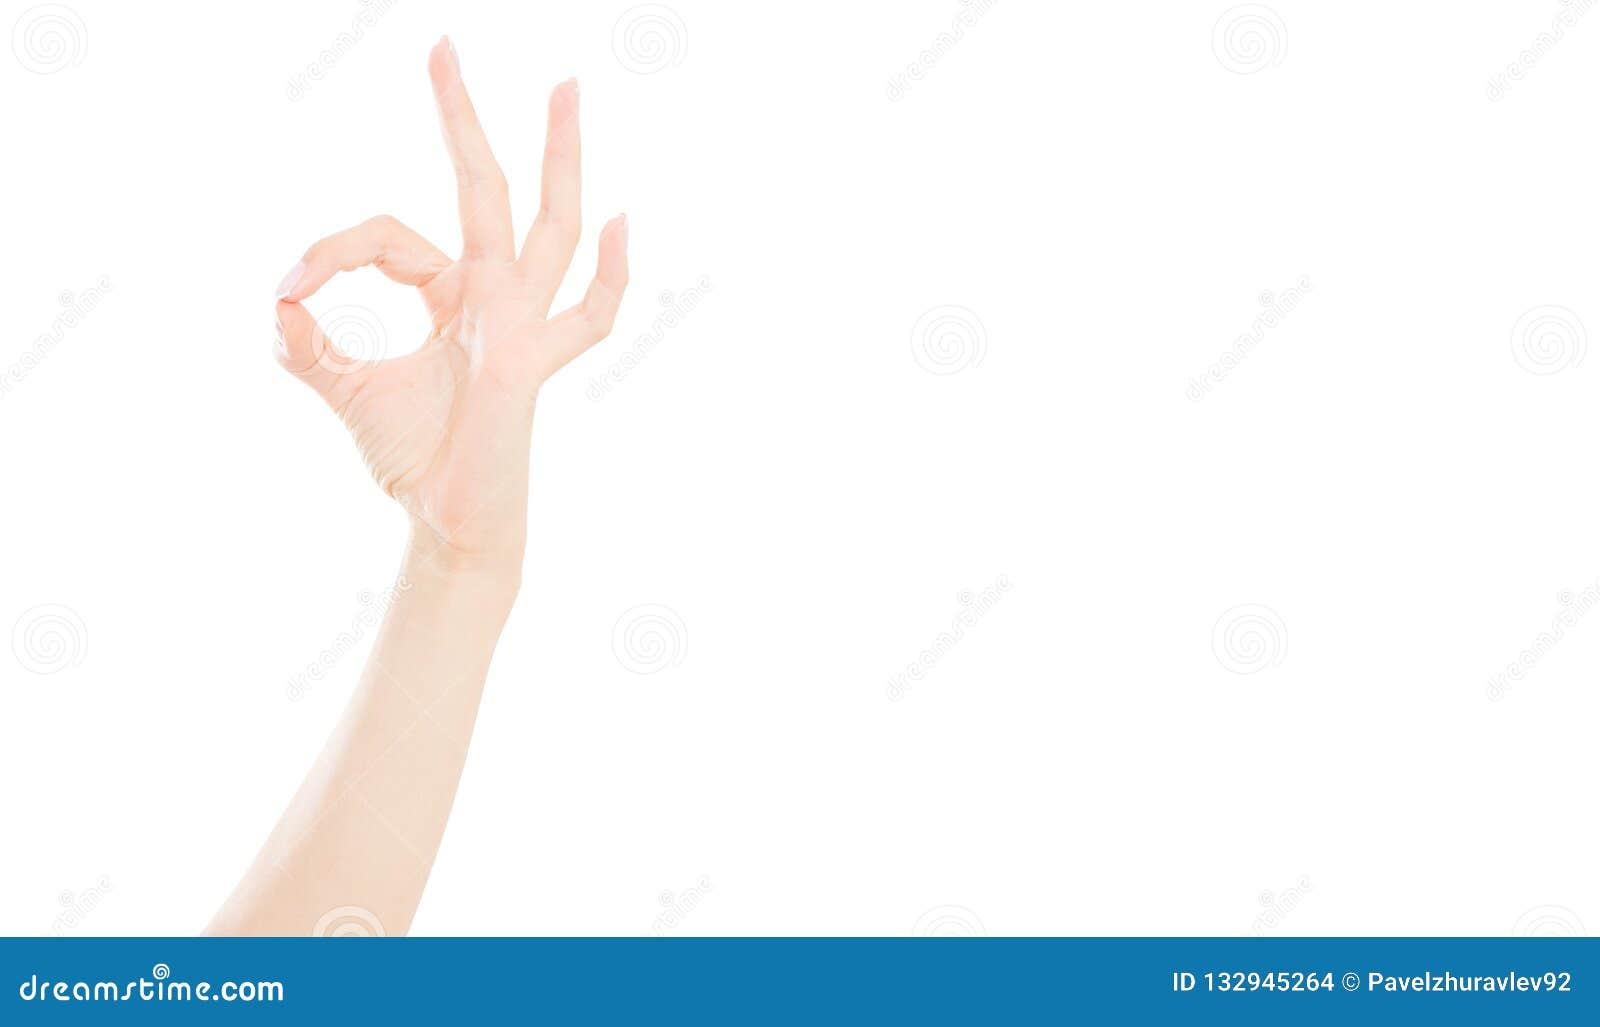 Approuvez le signe d isolement sur le fond blanc, main femelle